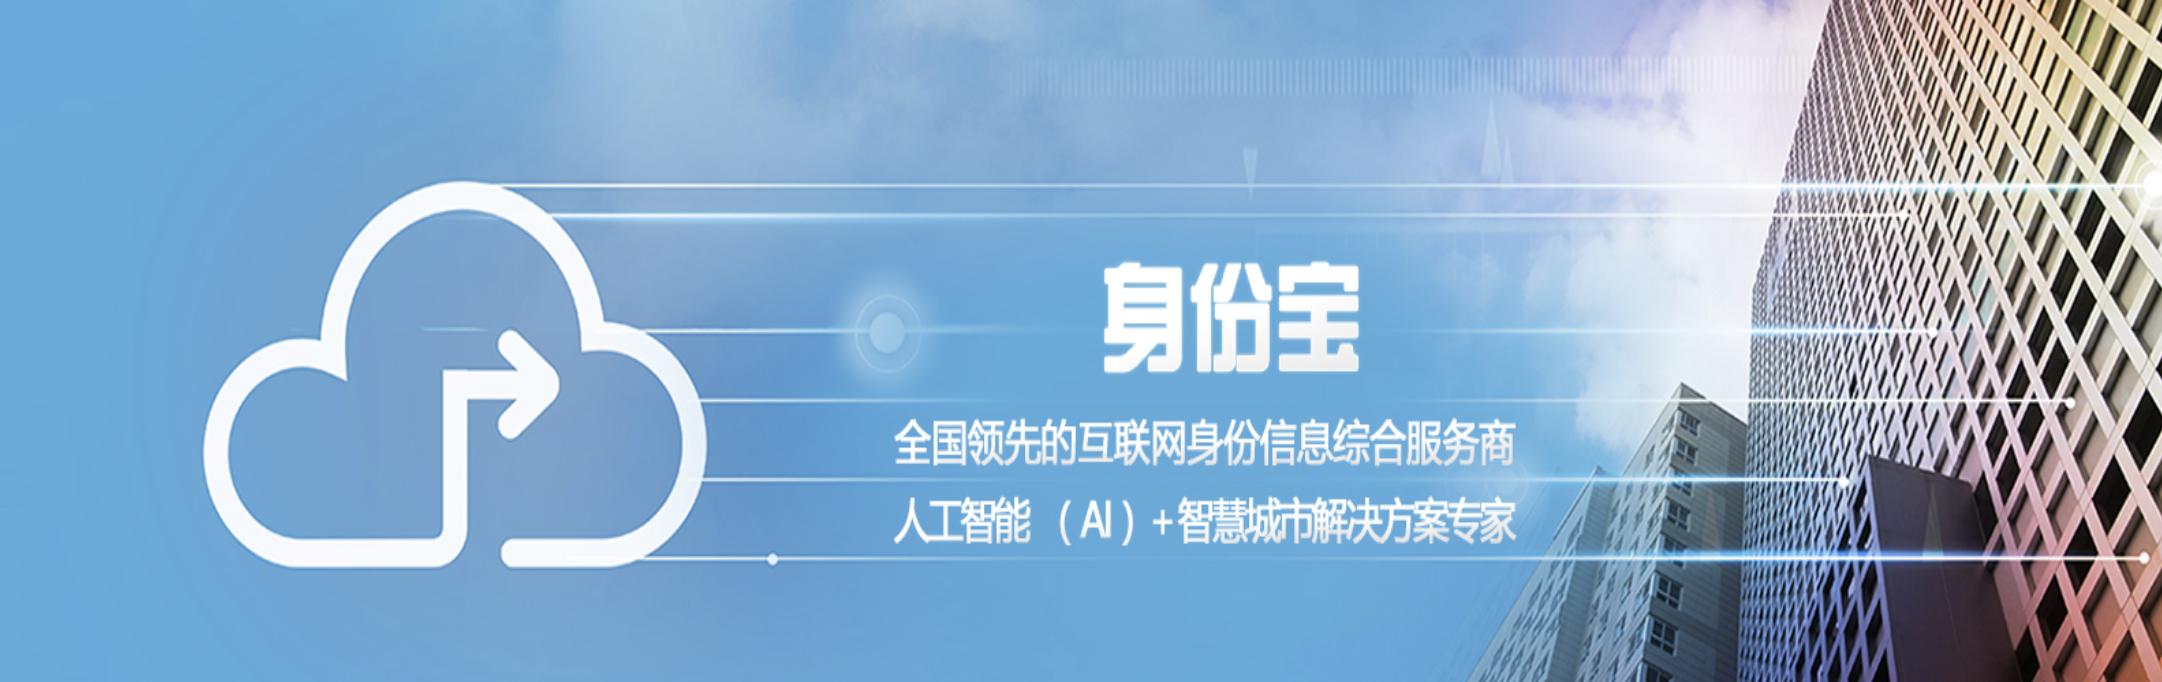 """搭建""""AI+场景+大数据""""身份宝喜获福建省""""瞪羚创新企业""""荣誉称号"""